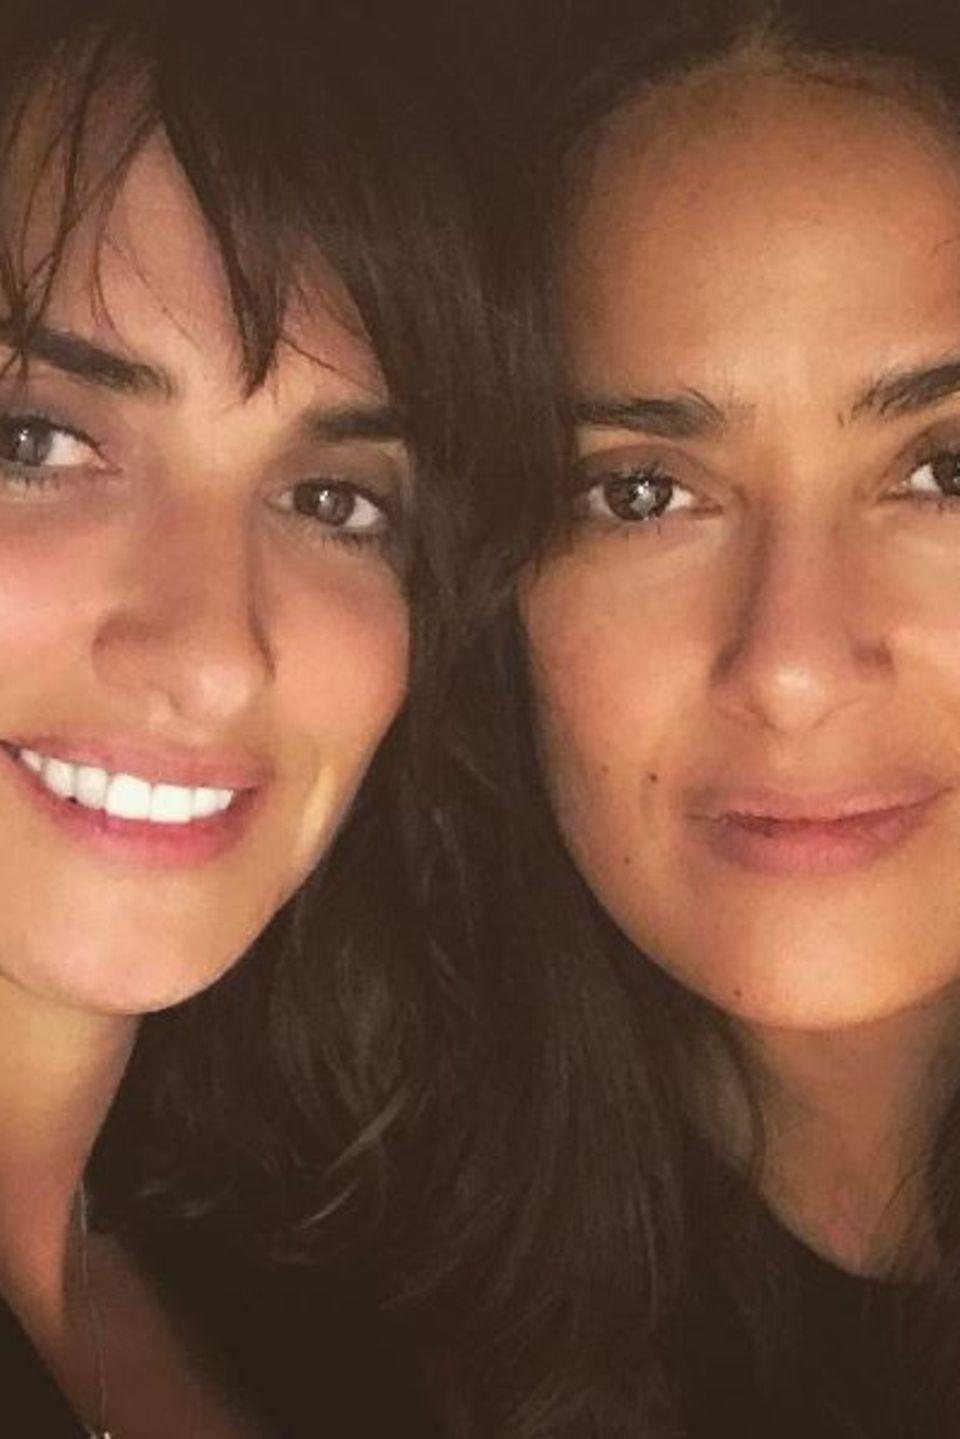 """Penèlope Cruz und Salma Hayek   """"Gute Freunde bleiben für immer"""" - postet Salma Hayek zu ihrem innigen Foto mit Penélope Cruz."""